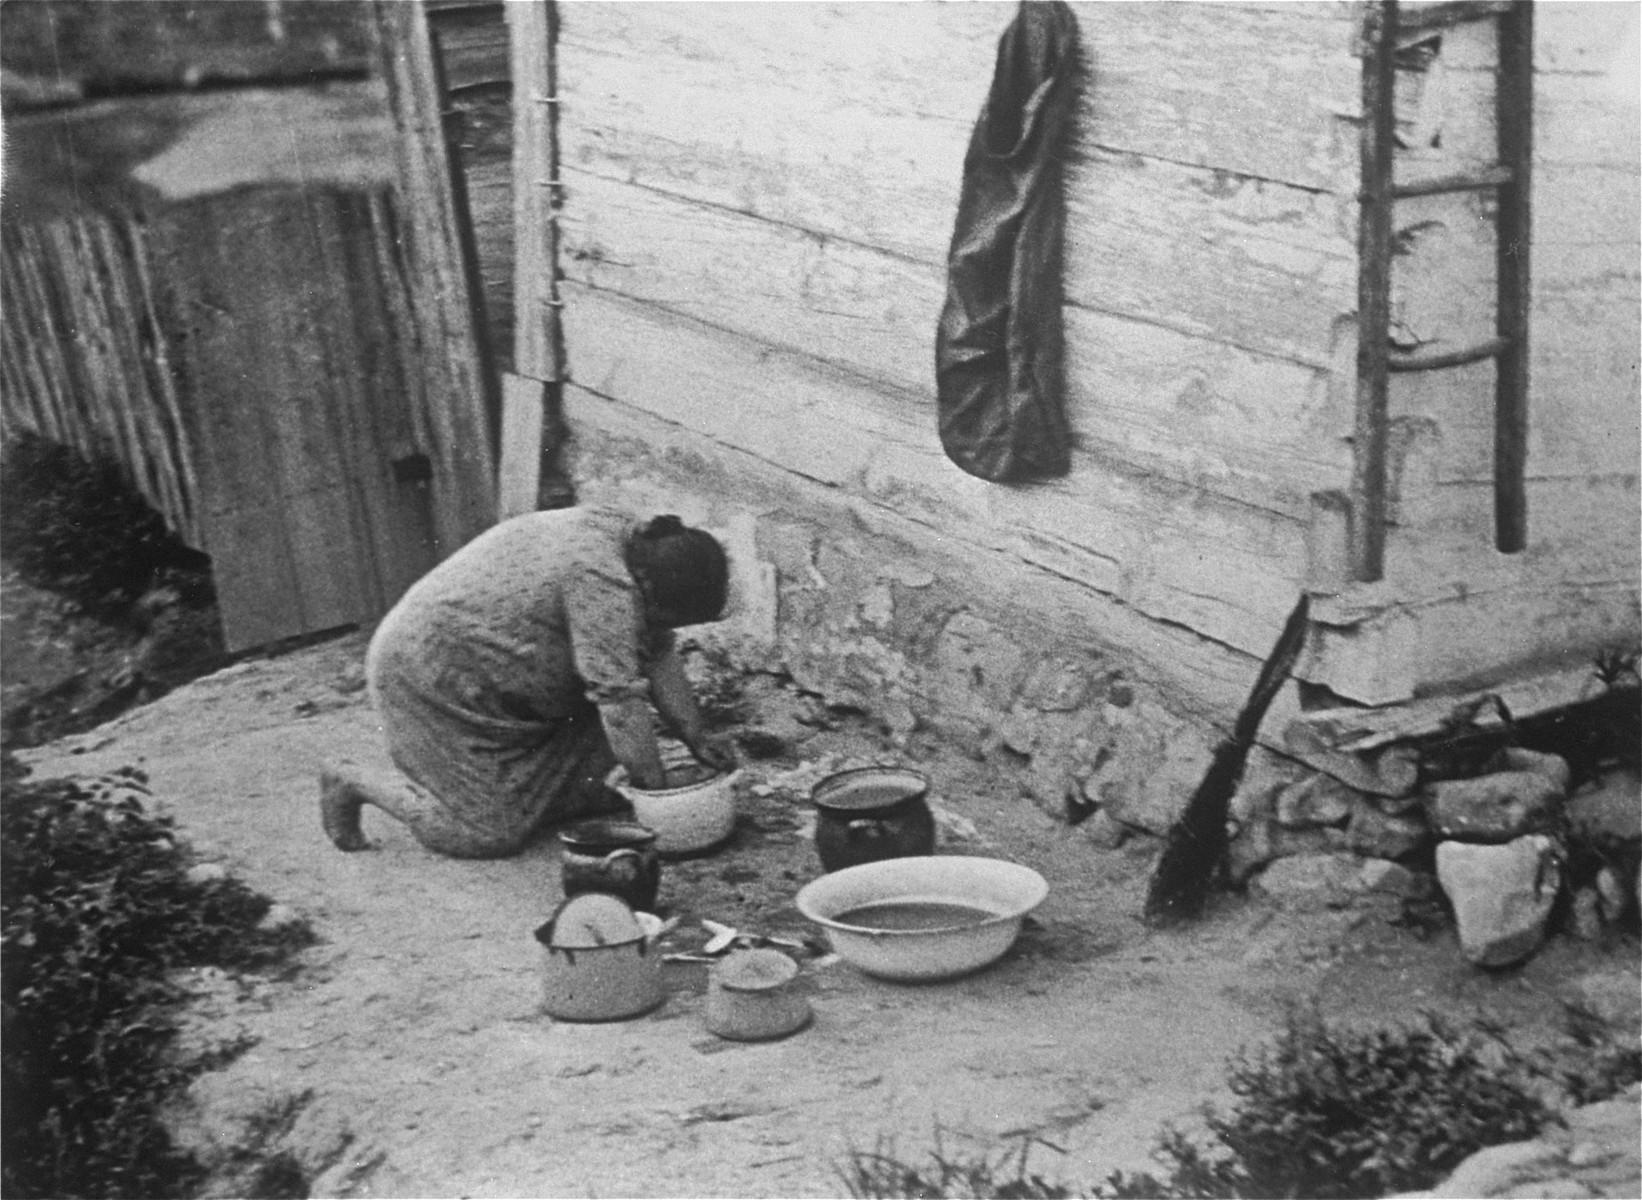 Jewish woman cleaning pots near her house in Kazimierz Dolny.